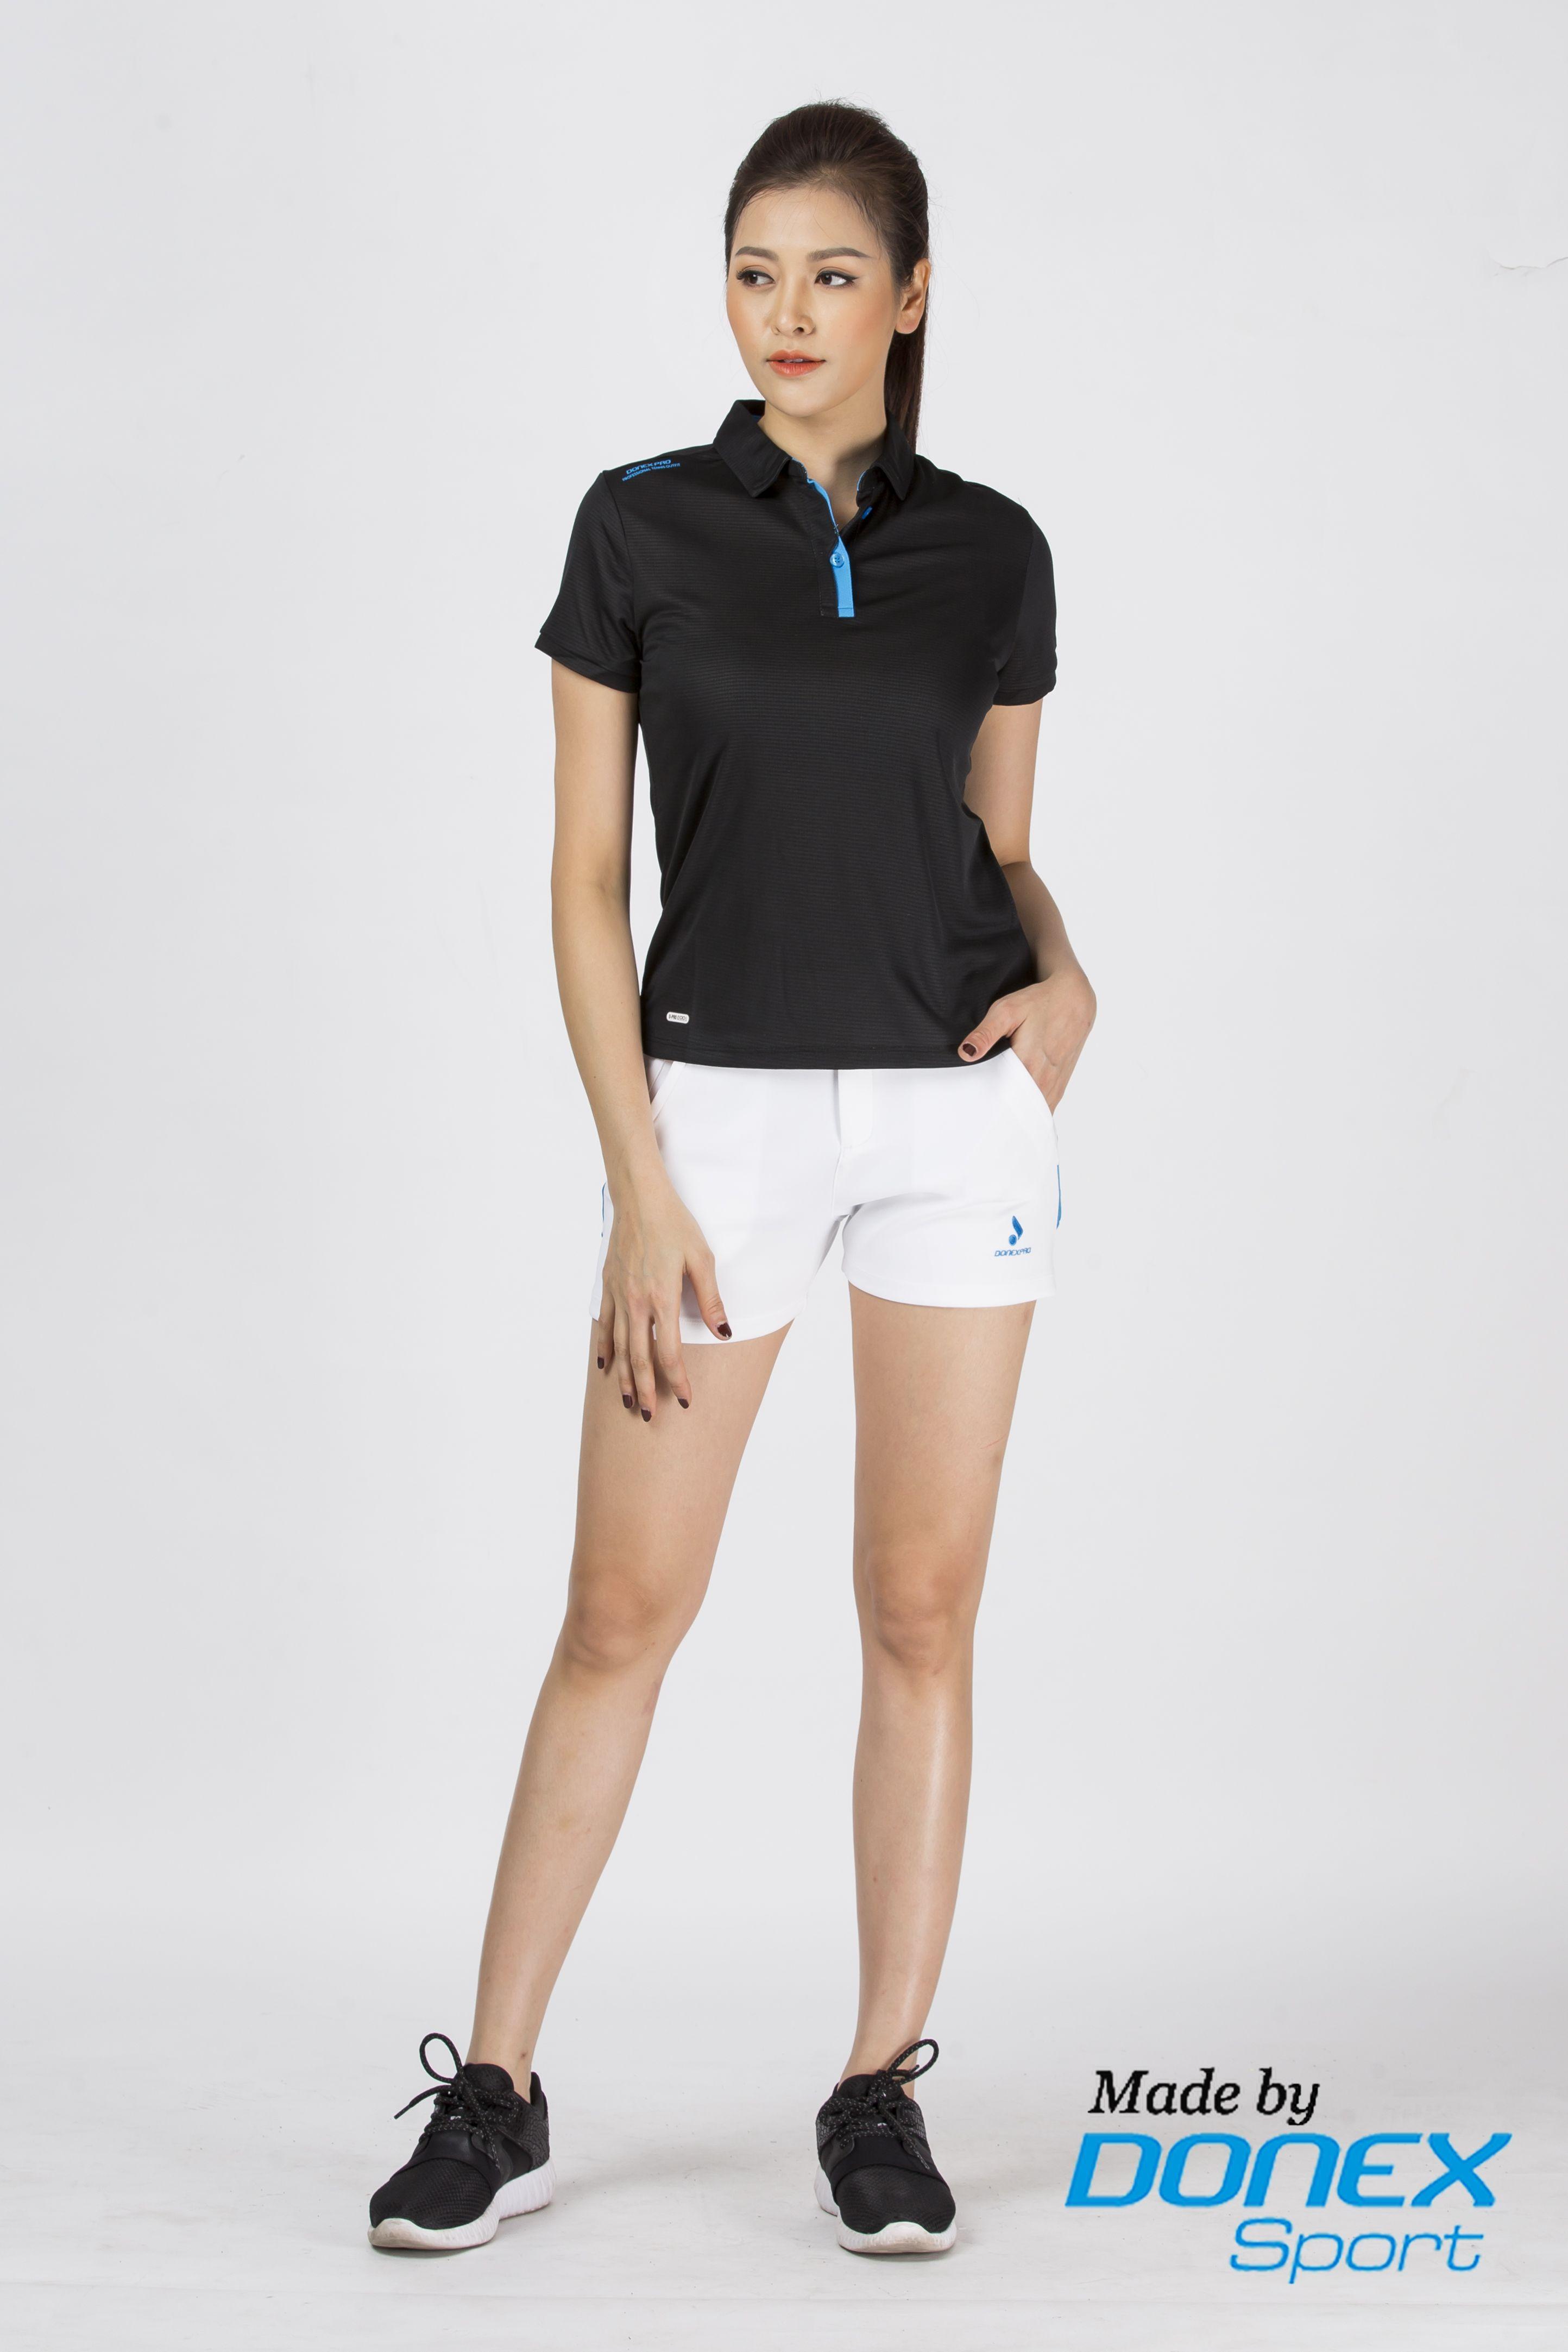 Áo thể thao nữ AC-3346-08-02 đen phối xanh cô ban